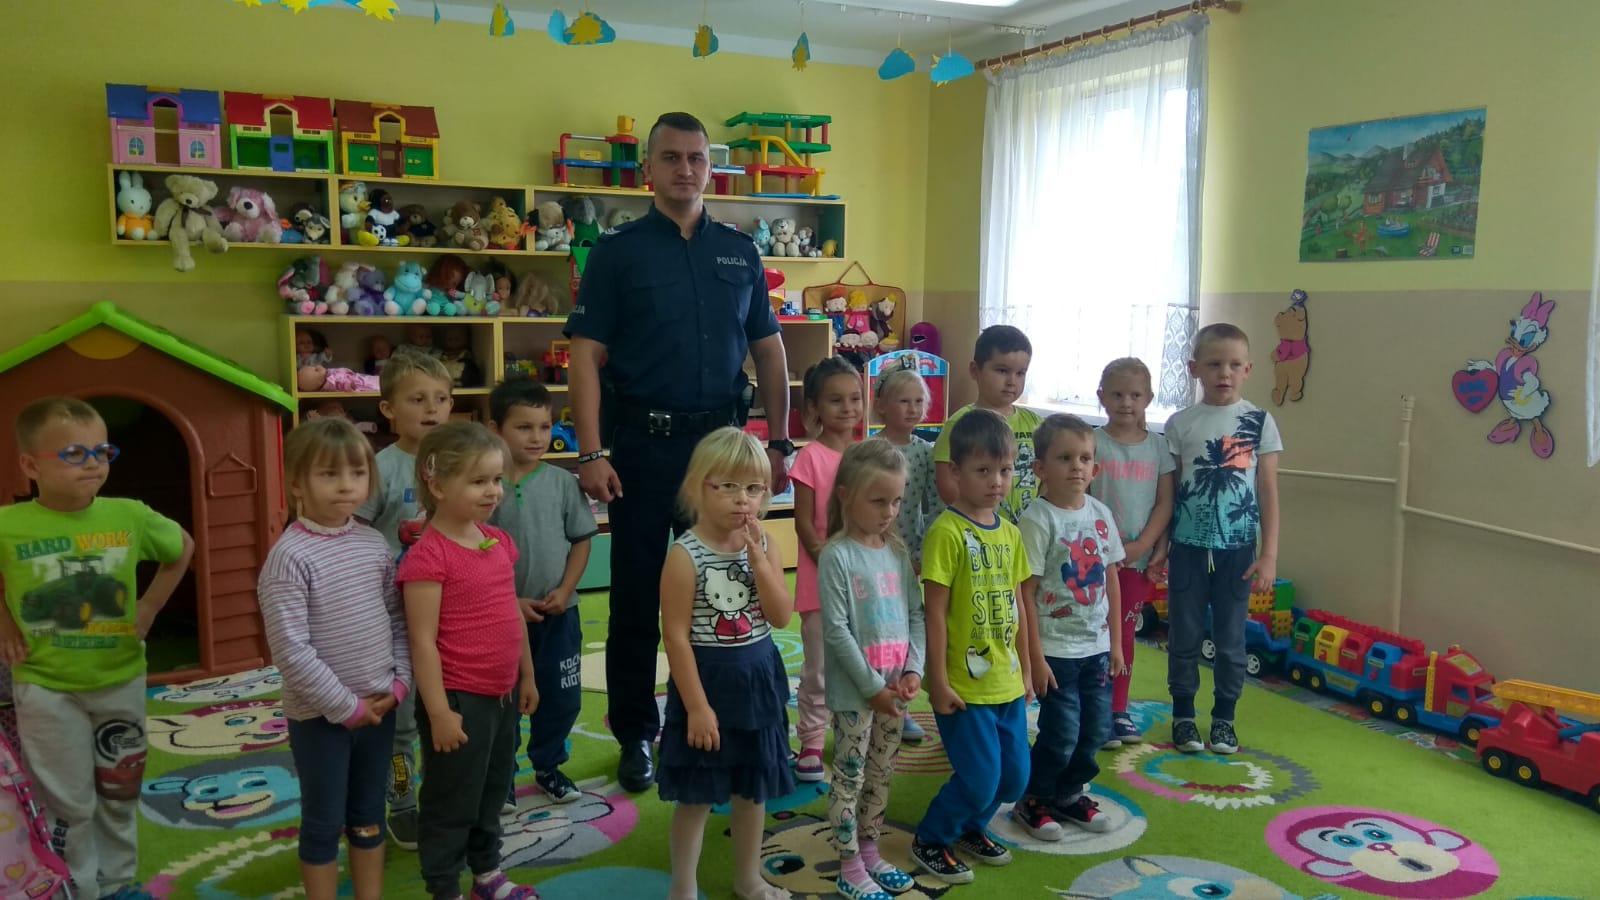 http://m.wm.pl/2018/09/orig/0000064153-olecko-bezpieczny-pocza-tek-roku-szkolnego-policjanci-w-szkolach-2-495162.jpg